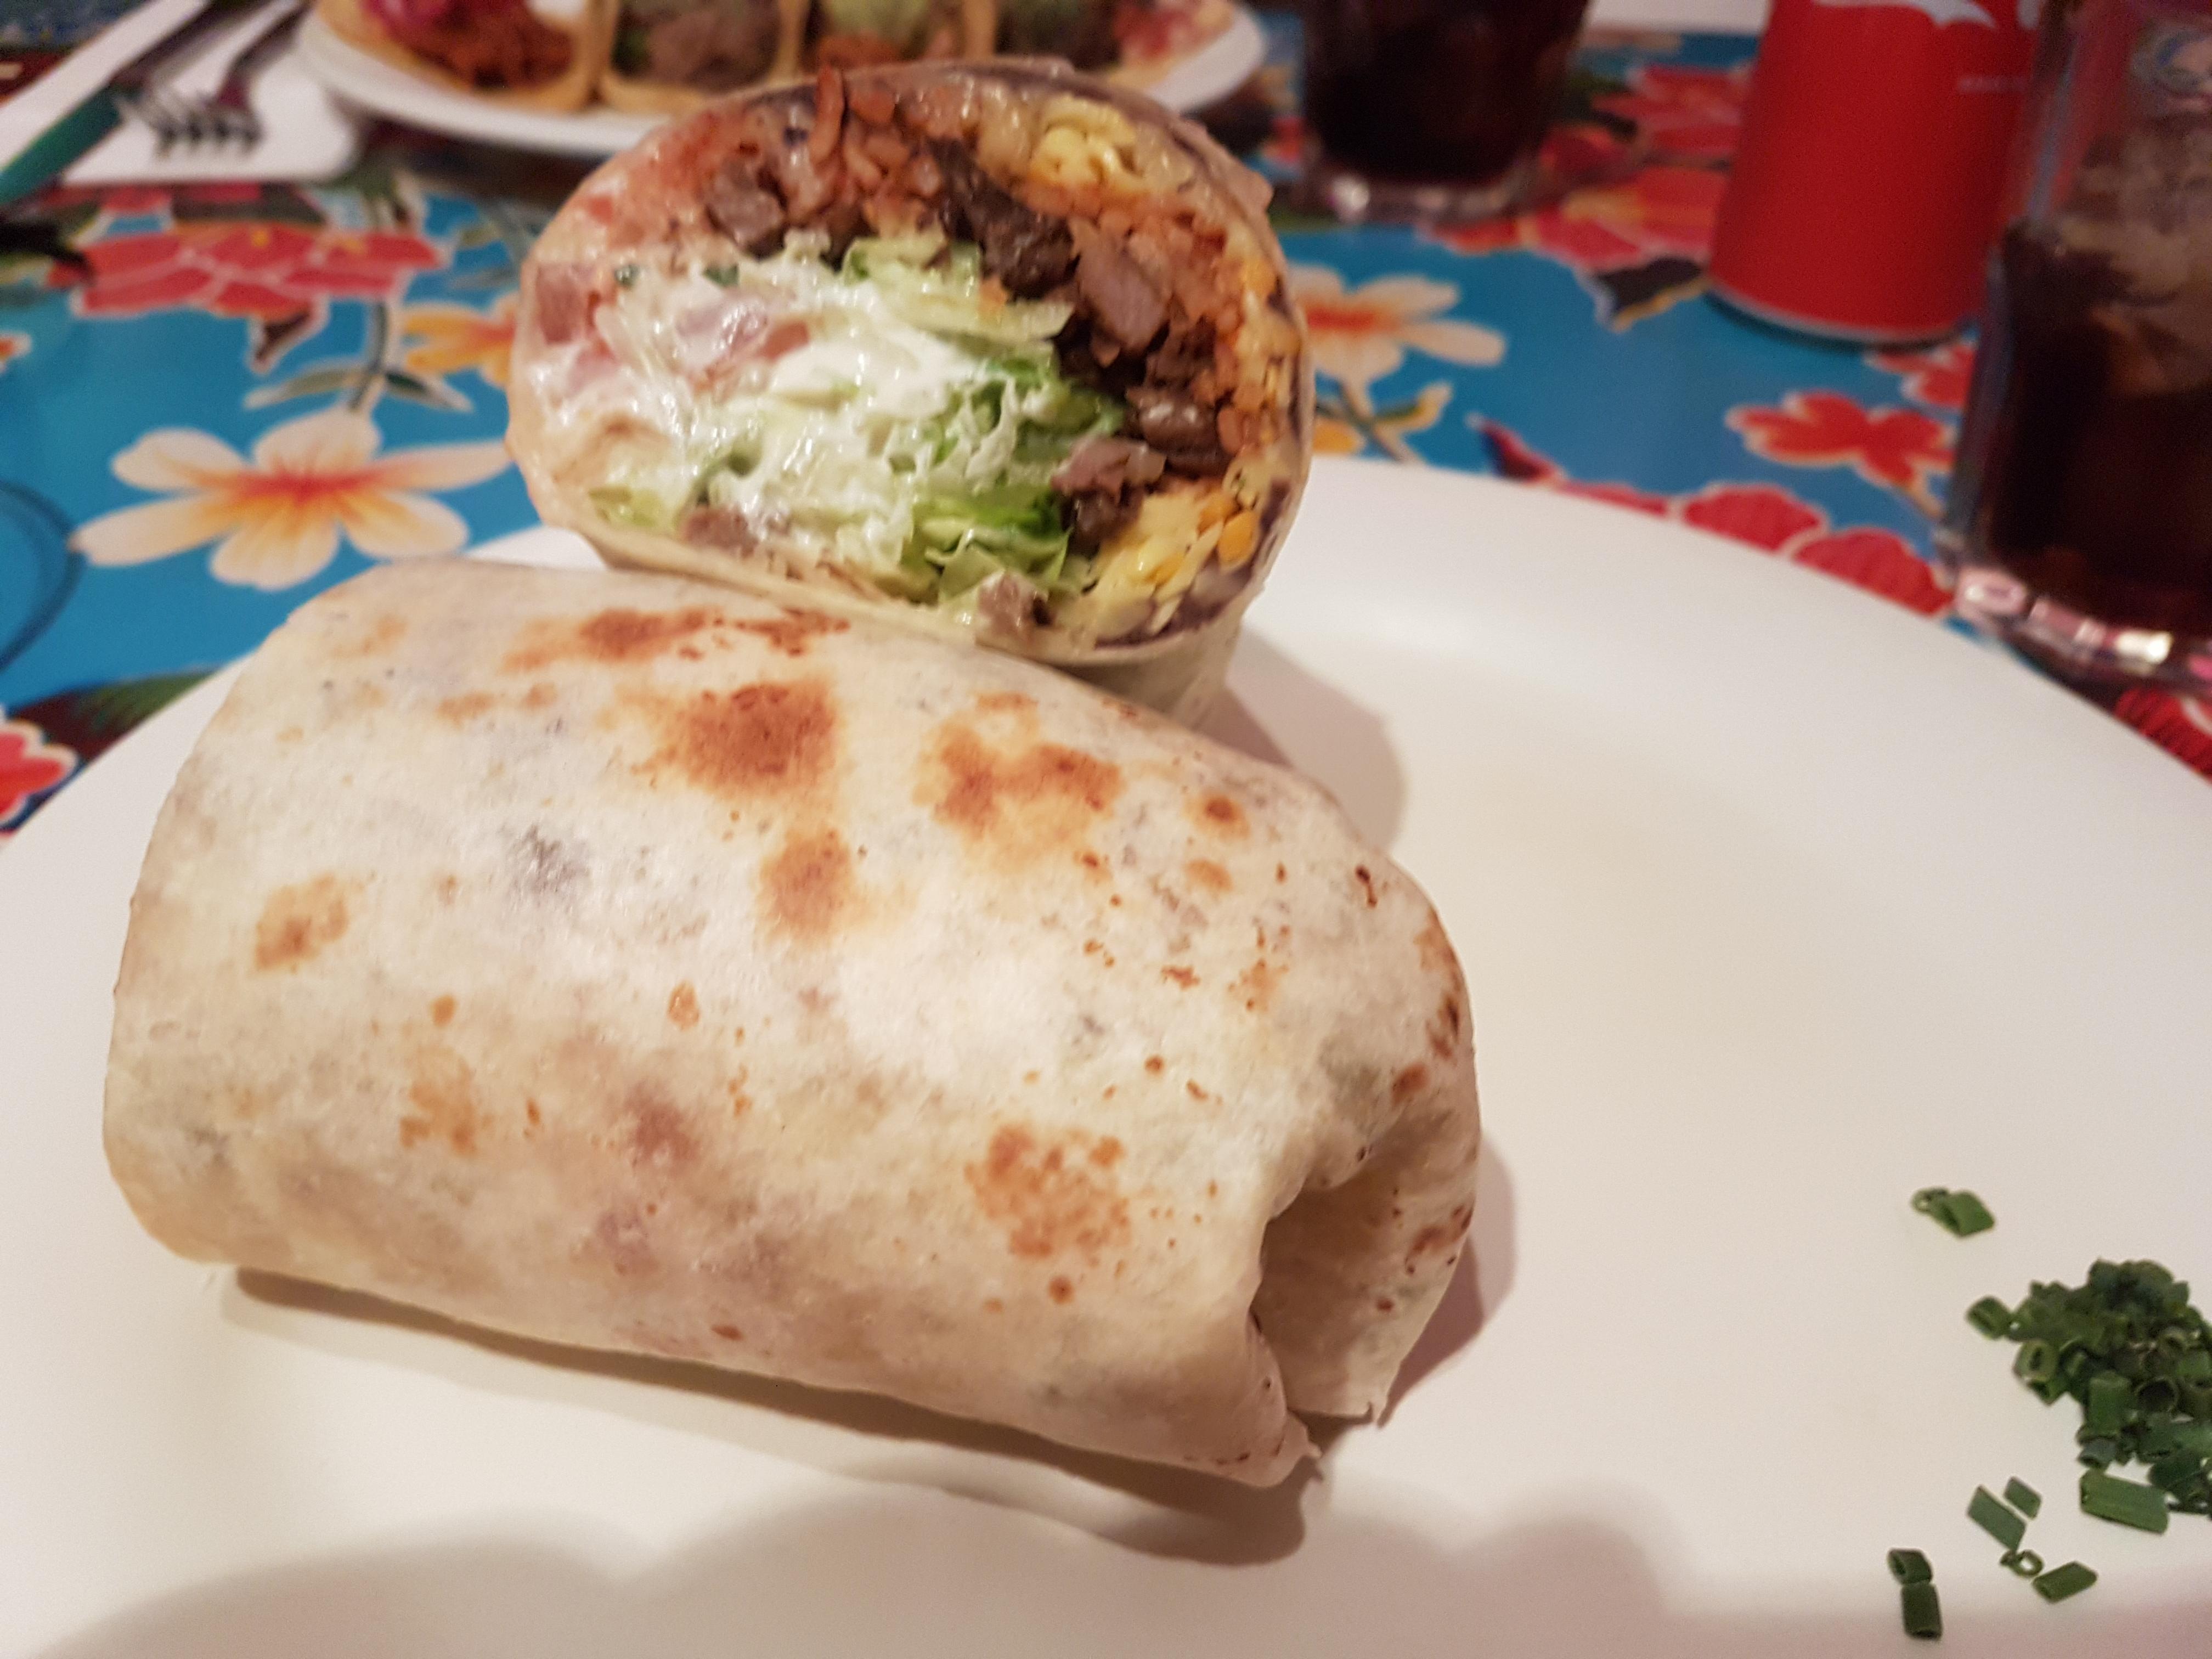 https://foodloader.net/Holz_2018-10-23_Burrito.jpg